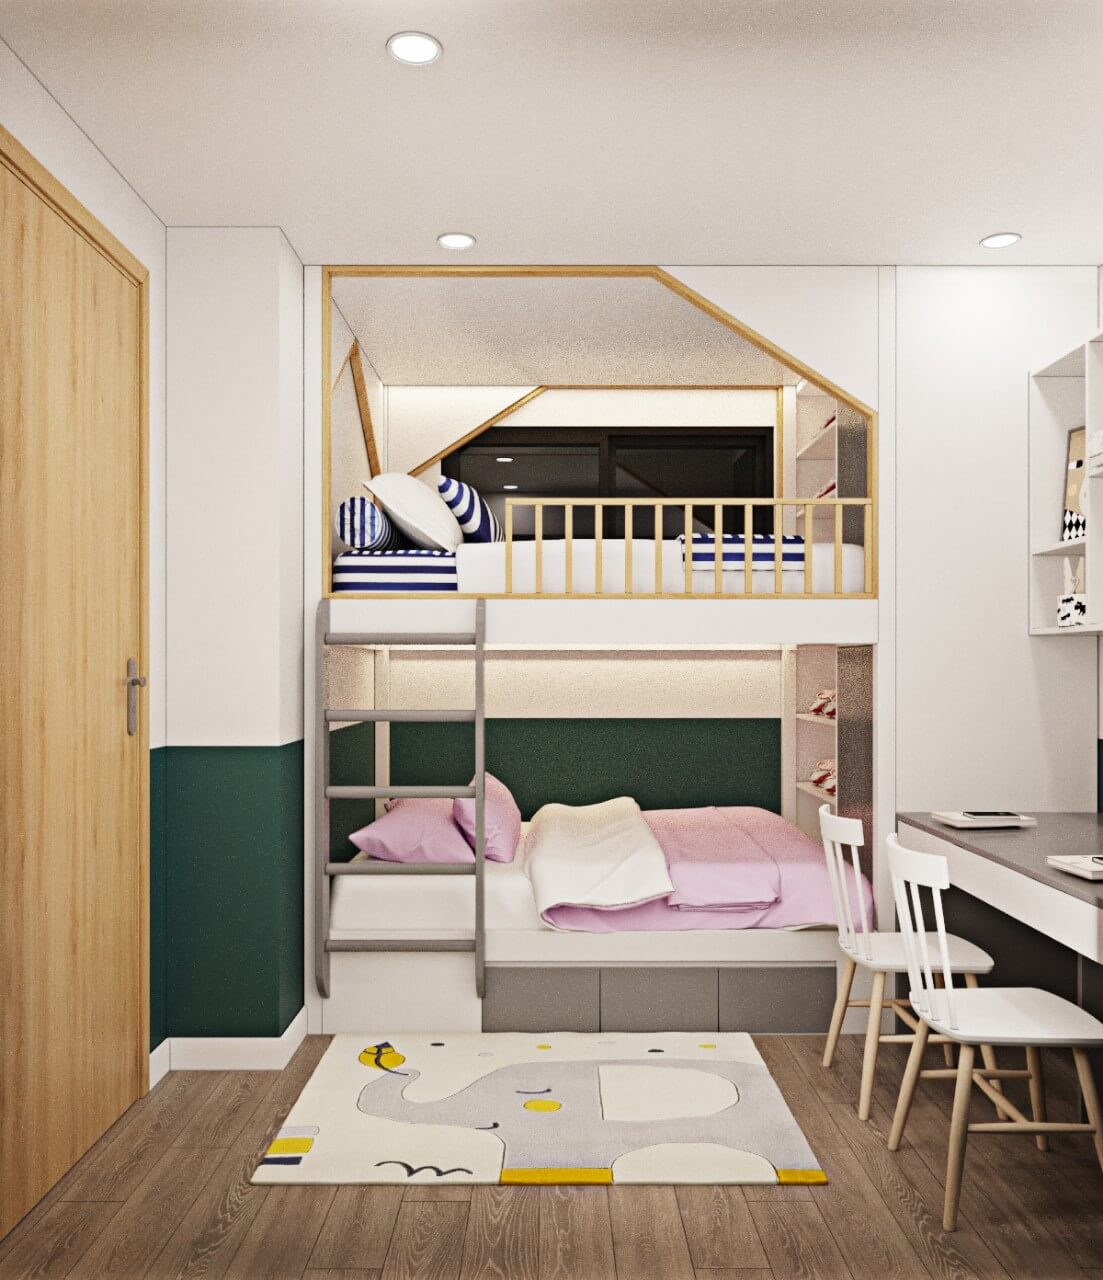 5 mẫu thiết kế nội thất chung cư 2 phòng ngủ đẹp, hiện đại, ấn tượng 8